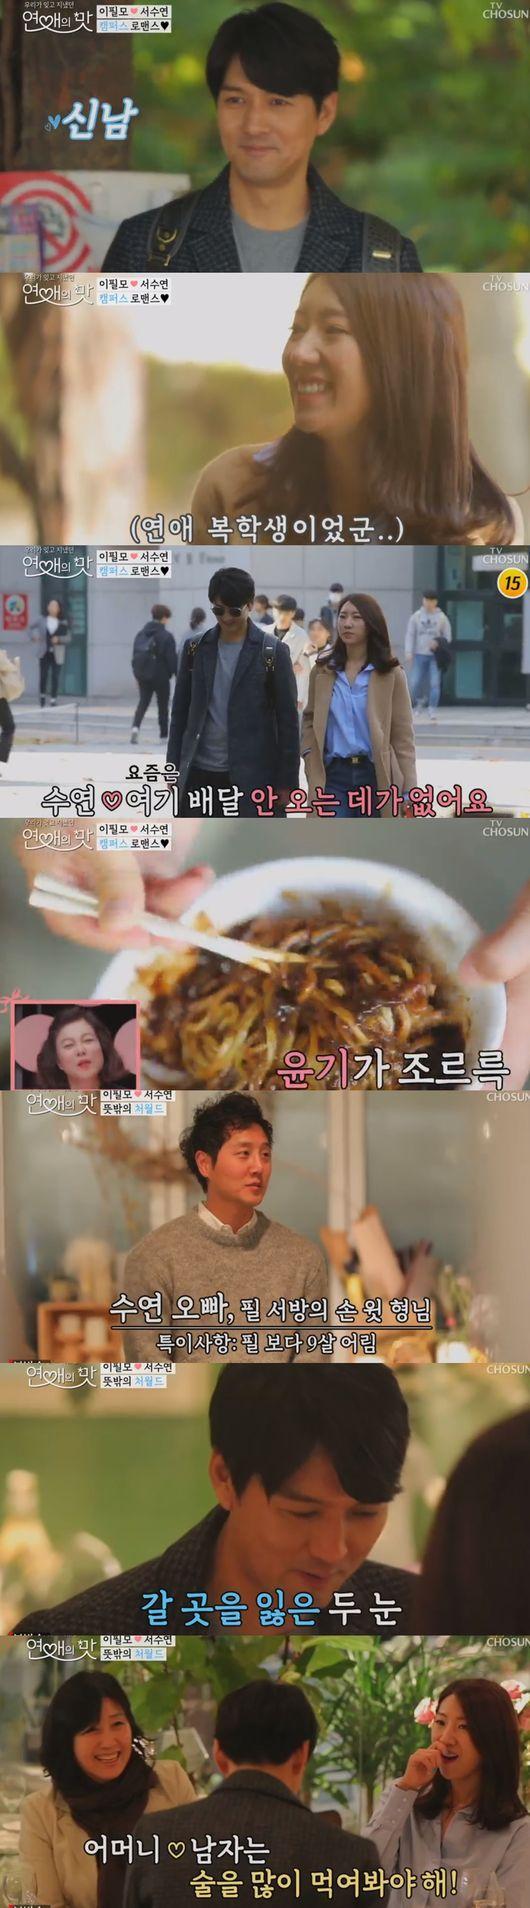 '연애의 맛' 이필모, 서수연과 캠퍼